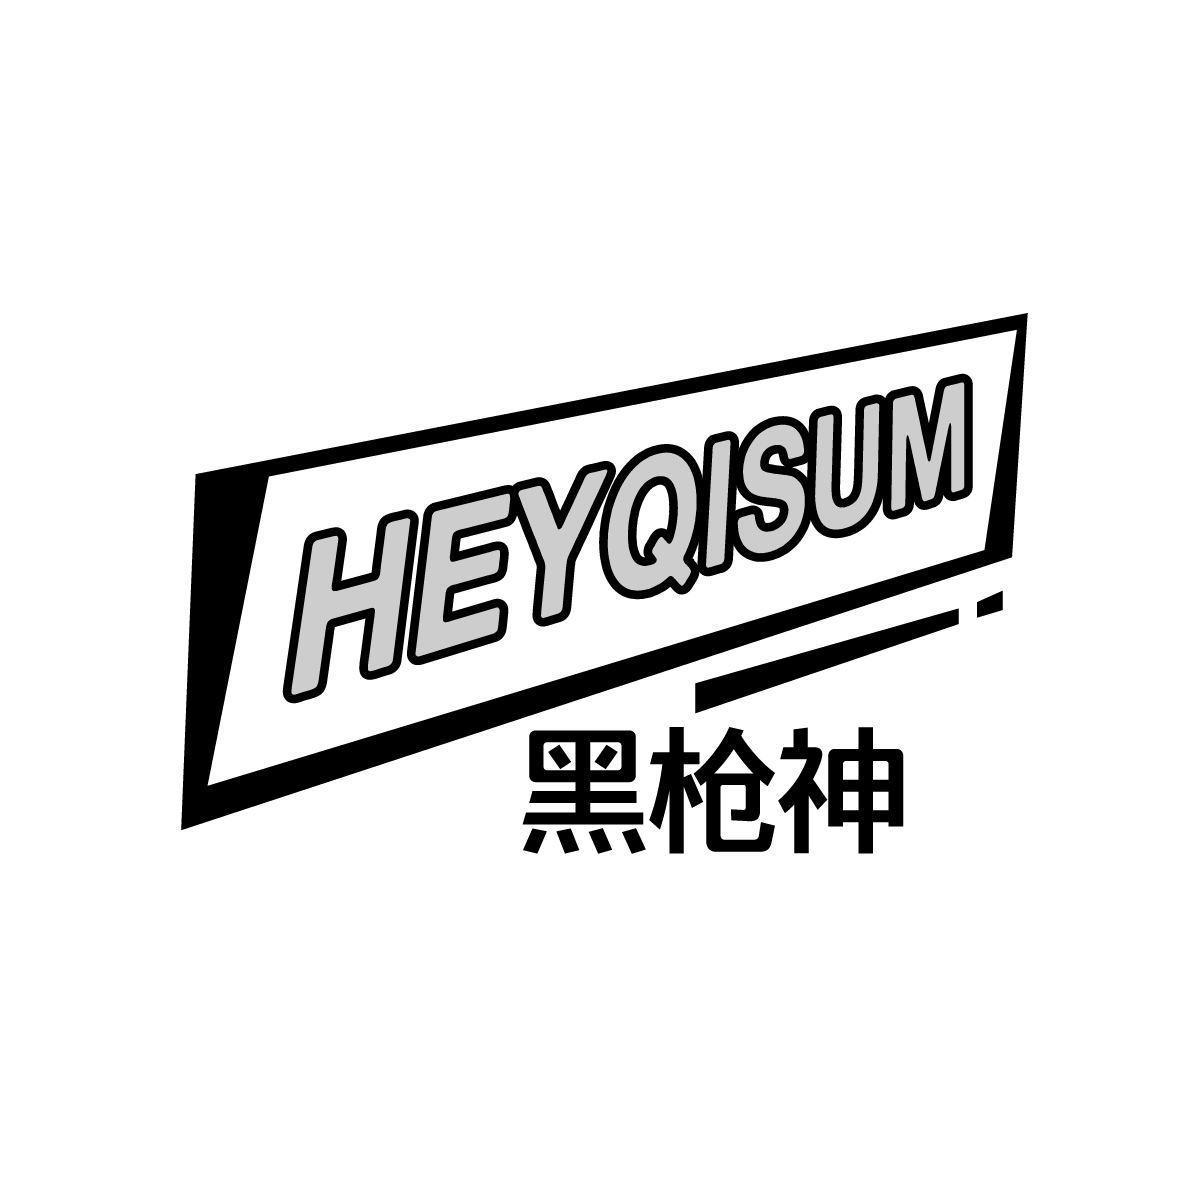 转让商标-黑枪神 HEYQISUM